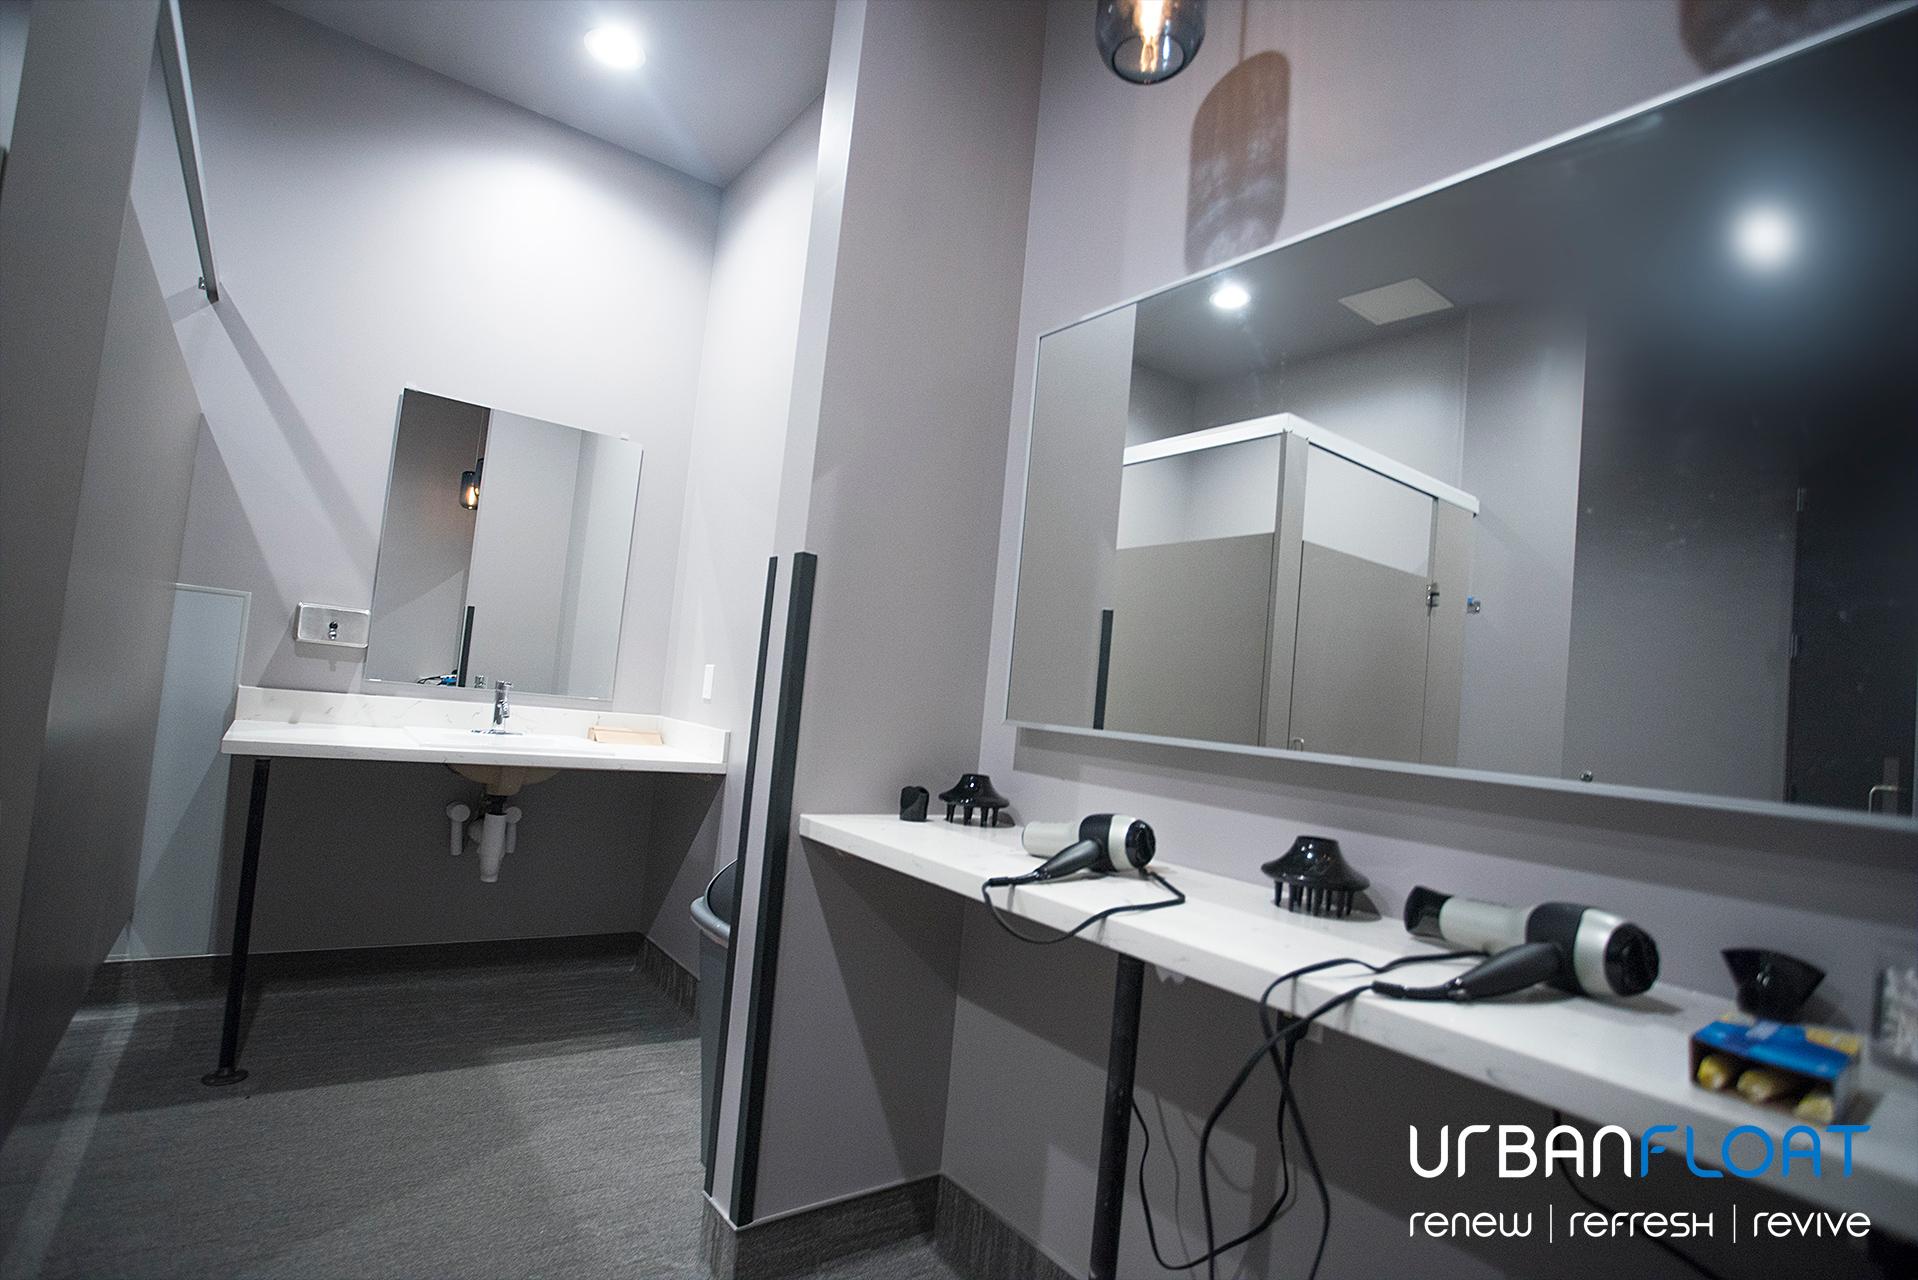 UrbanFloat-CapitolHill-18.jpg